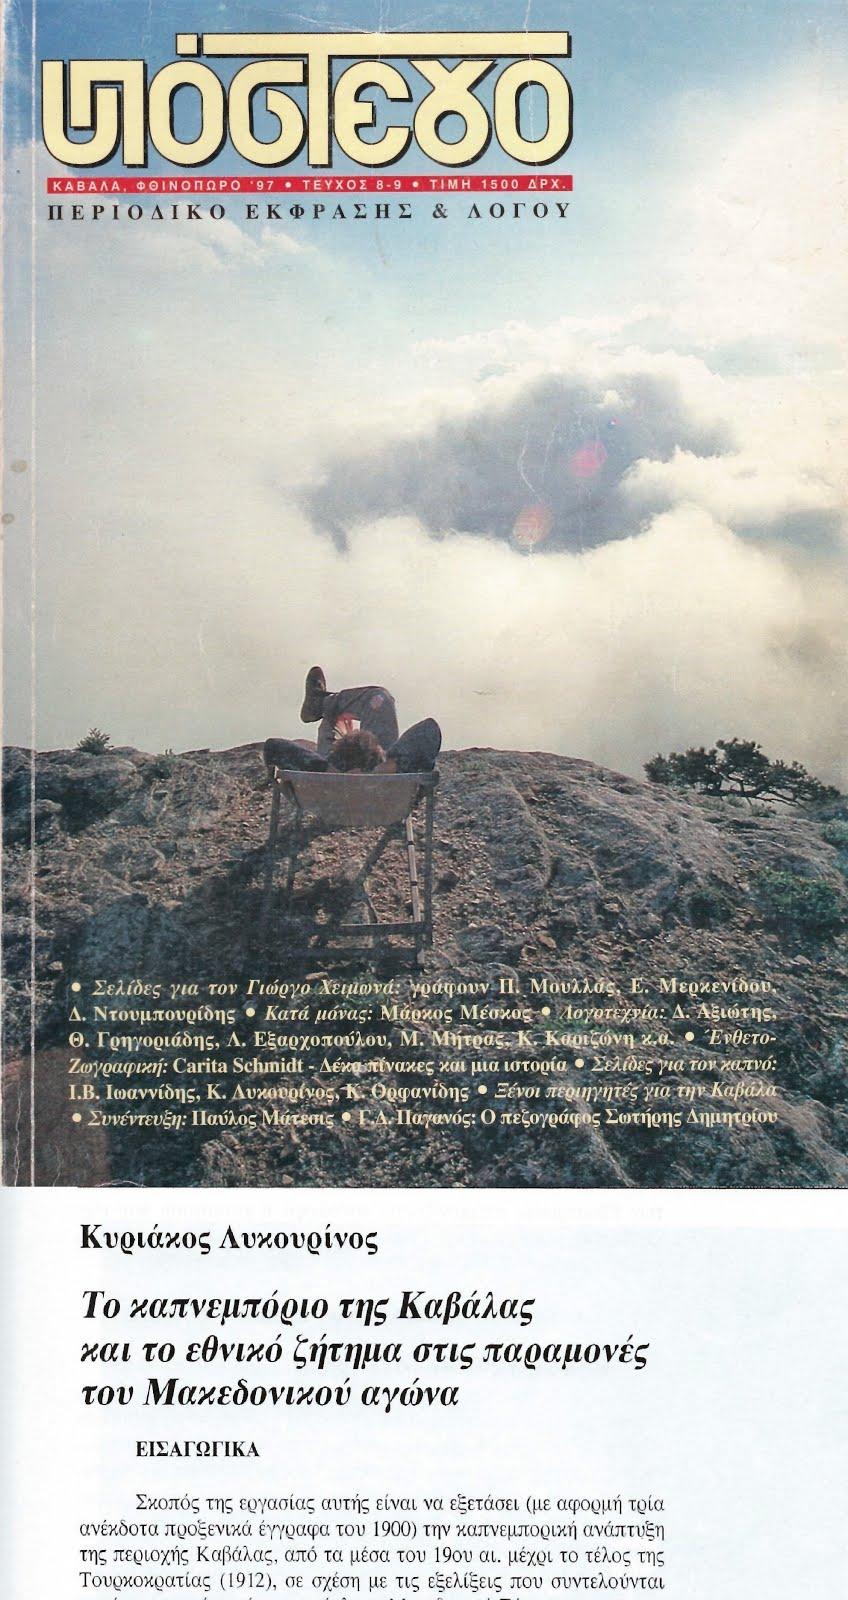 Το καπνεμπόριο της Καβάλας και το εθνικό ζήτημα στις παραμονές του Μακεδονικού Αγώνα, σελ. 95-133